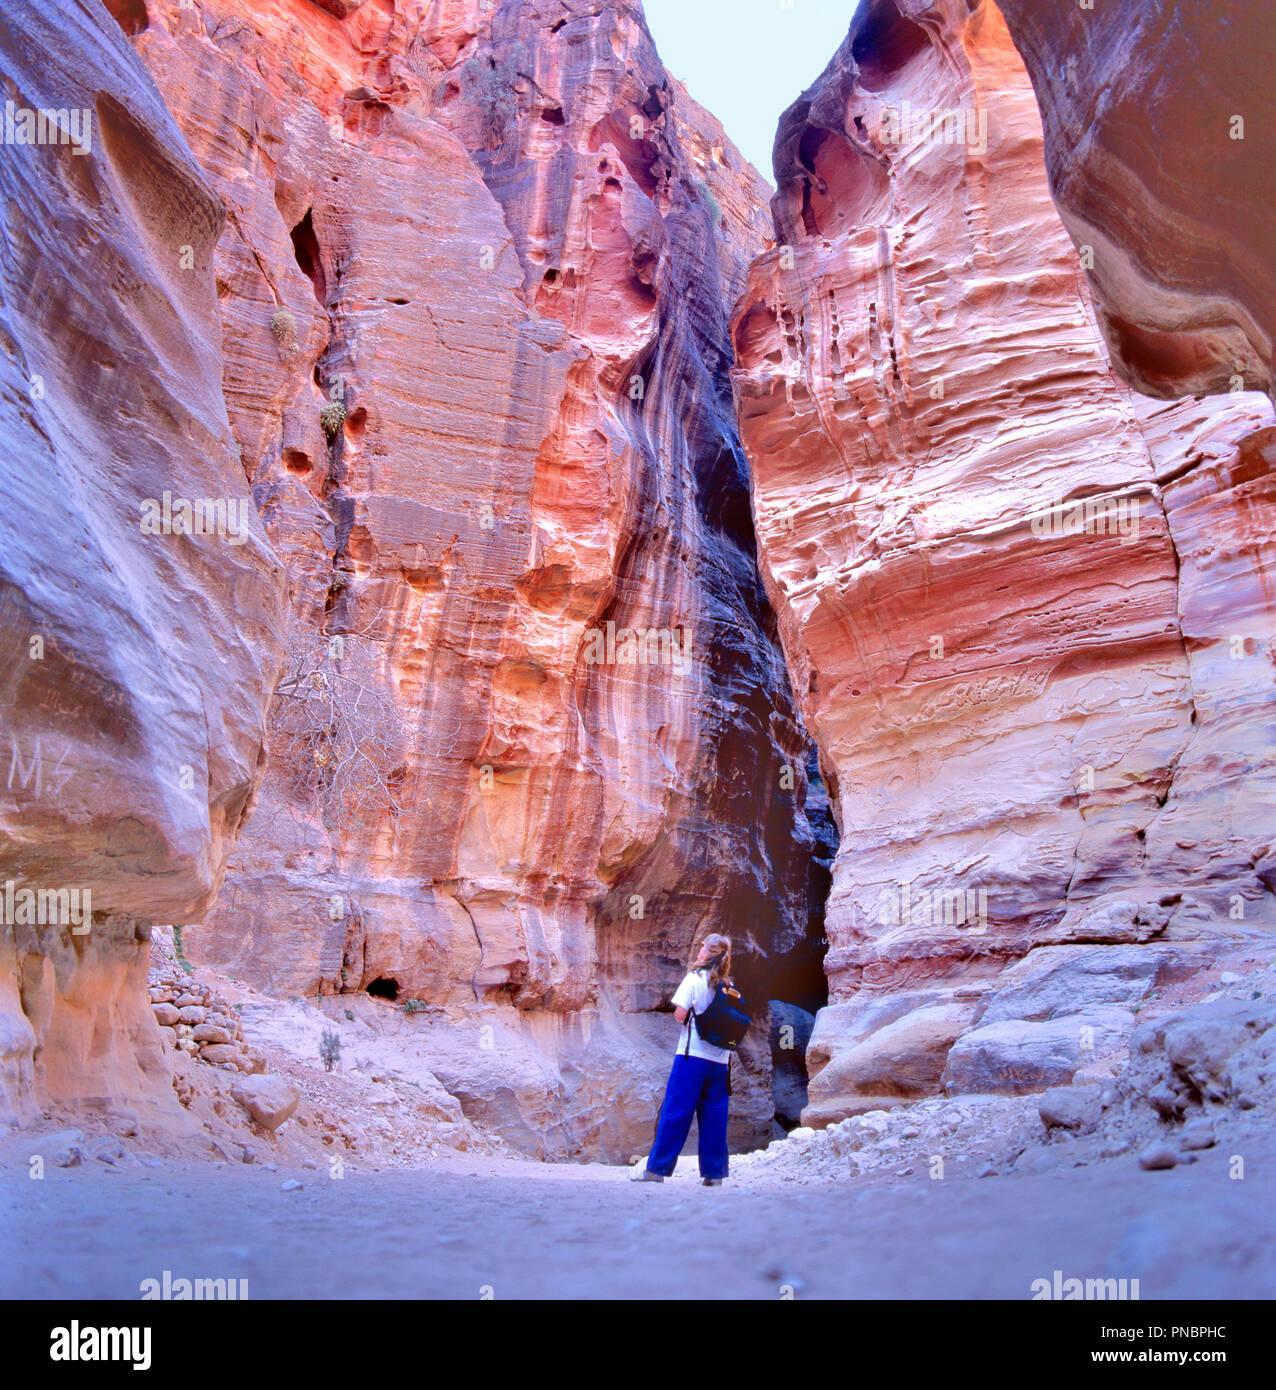 PETRA, Jordanien - September 12,2015: Der Siq, den schmalen Schlitz - Canyon, dient als Eingang Passage, die Verborgene Stadt Petra, Jordanien Stockbild